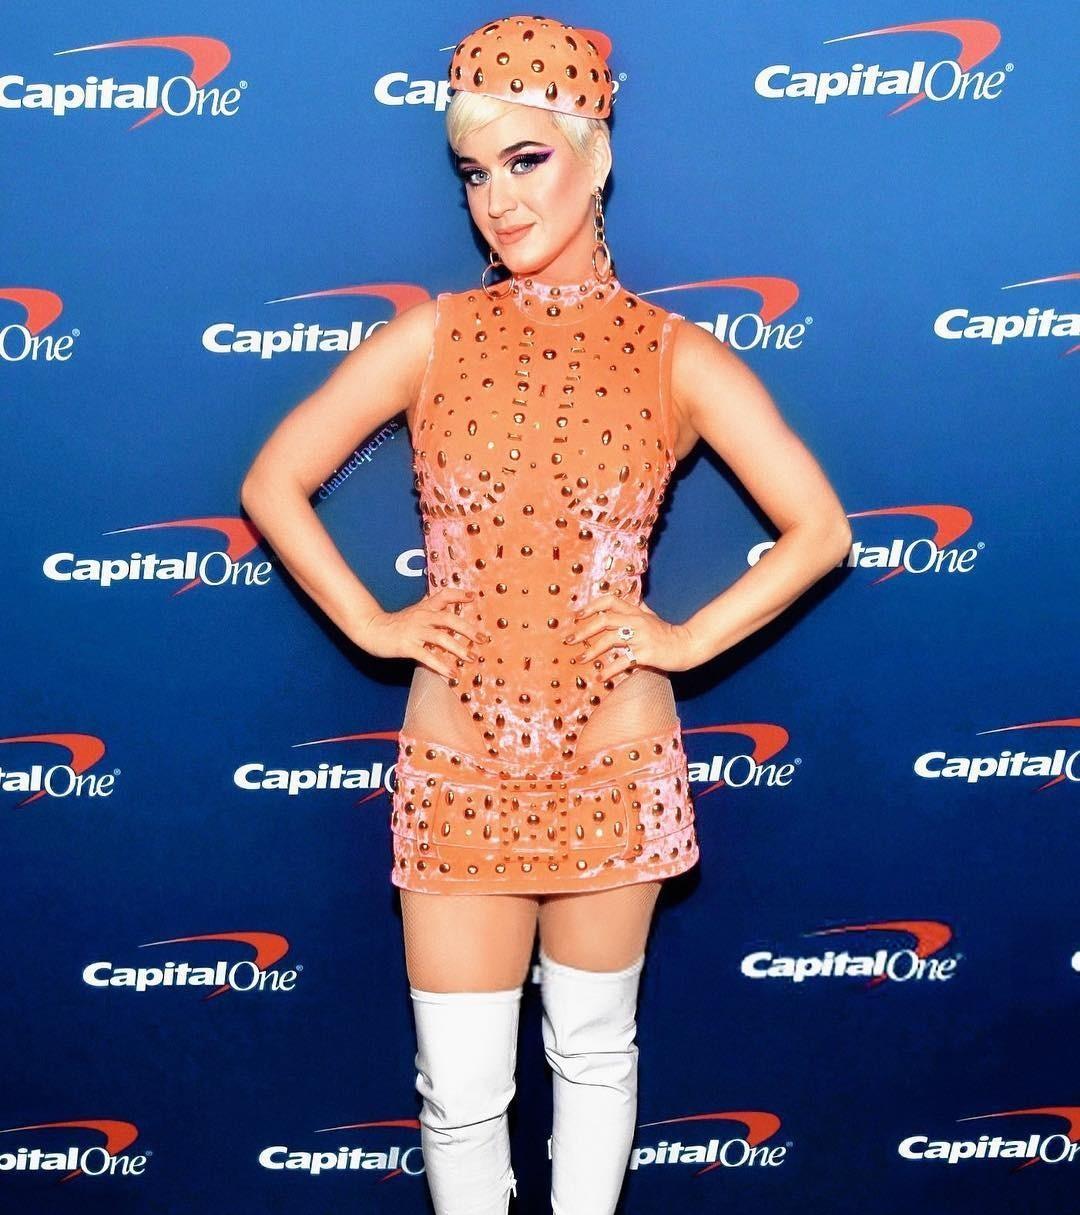 Кэти Перри решила примерить образ оранжевого мухомора, даже белая «ножка» есть. Если задумка была именно такая, то аплодируем, если нет — надеемся Кэти серьезно поговорит со своим стилист...